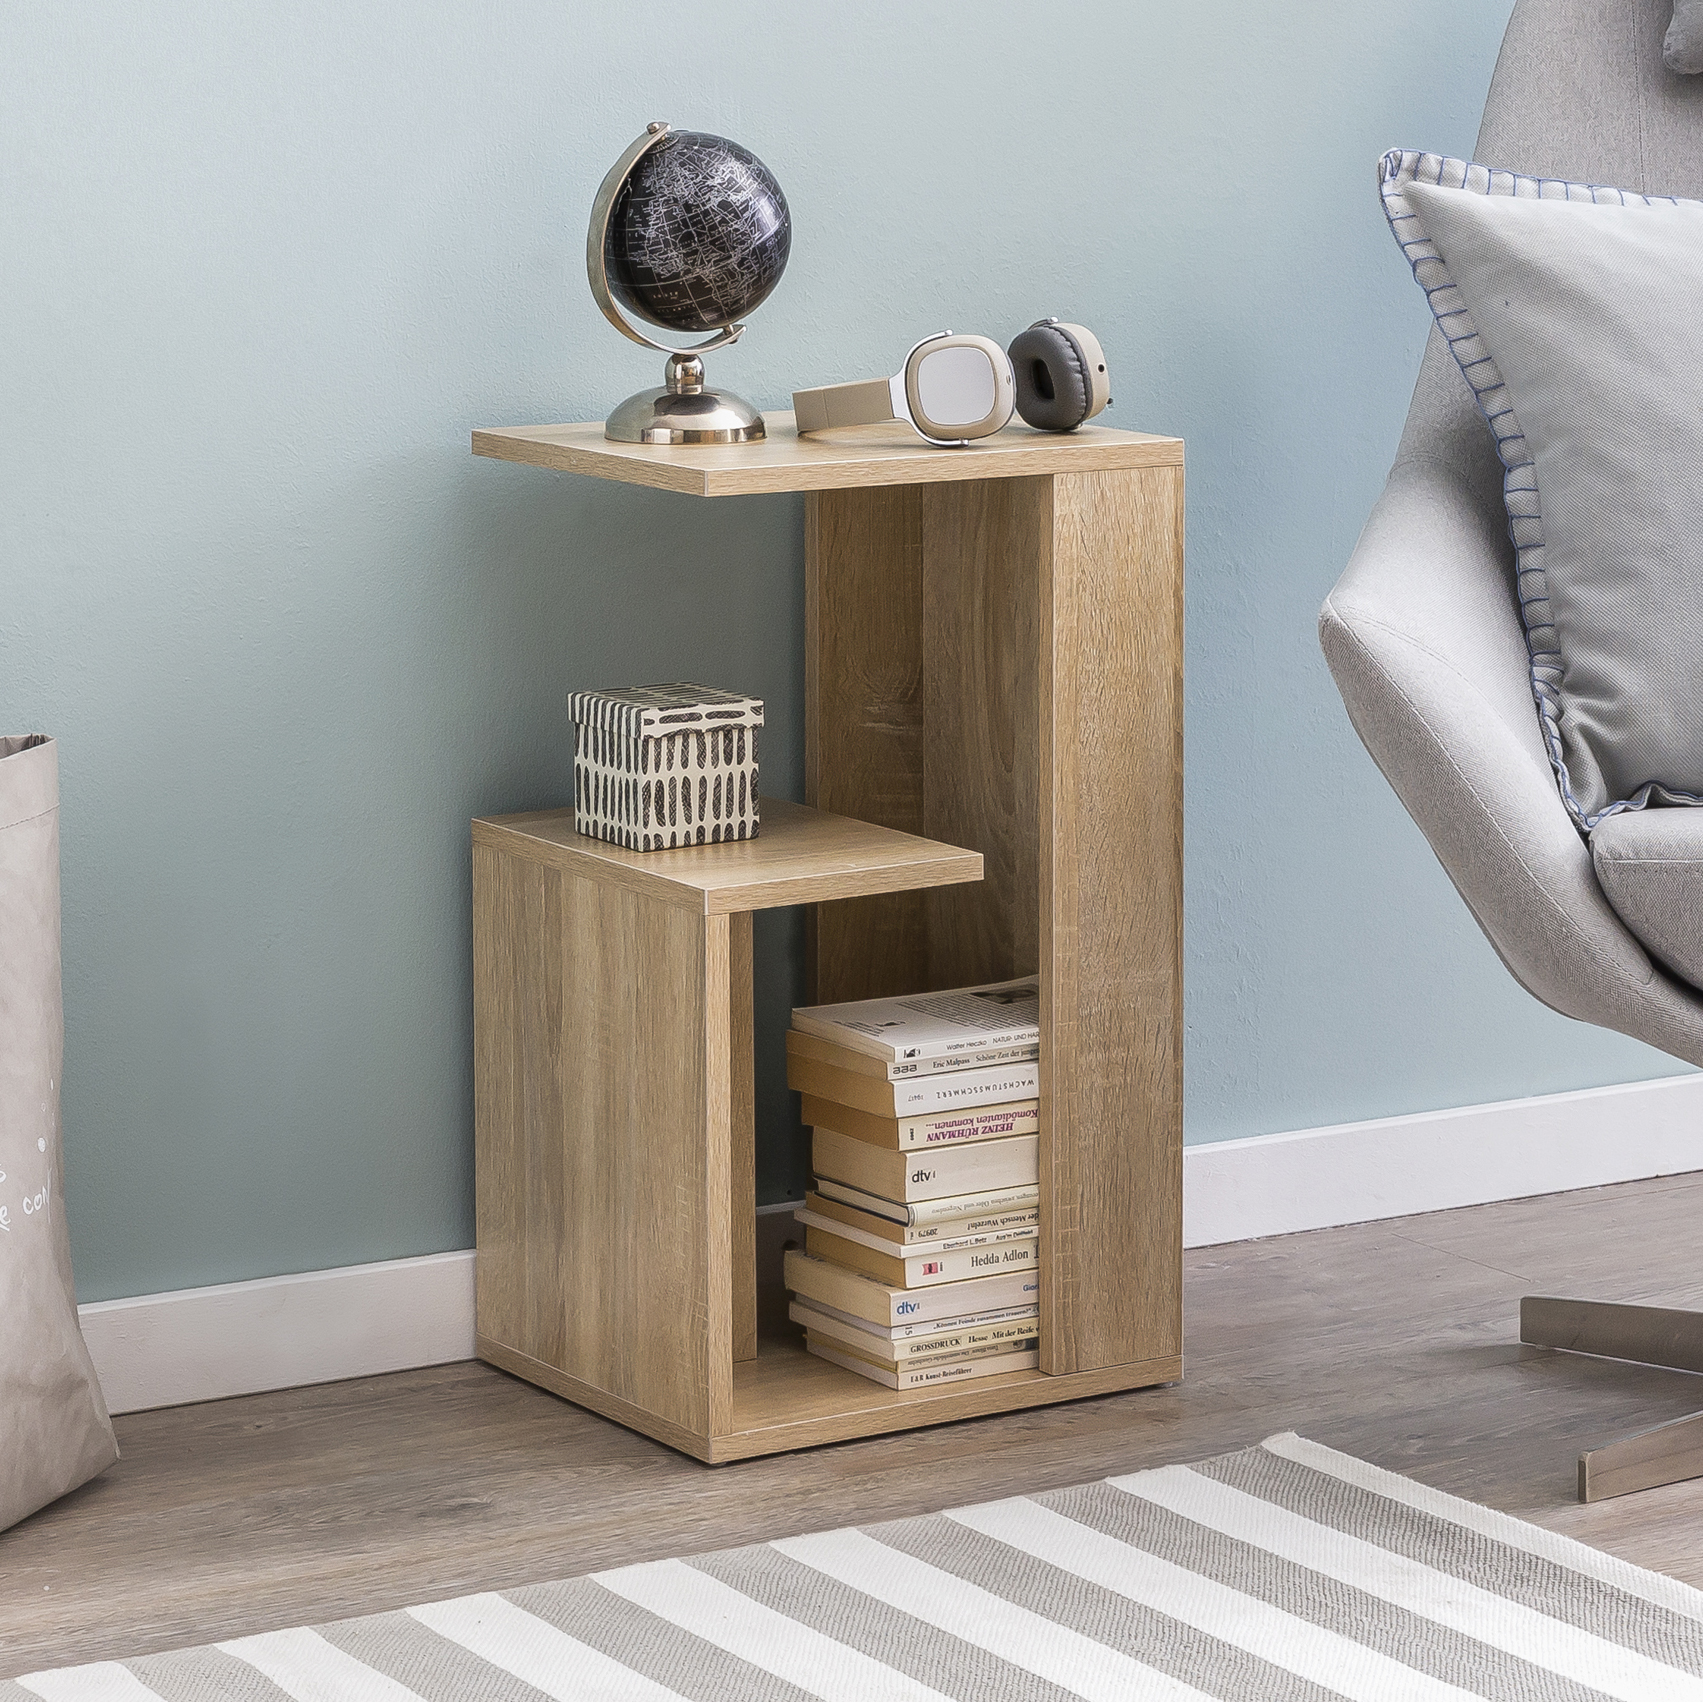 beistelltisch holz anstelltisch couchtisch klein sofatisch ebay. Black Bedroom Furniture Sets. Home Design Ideas